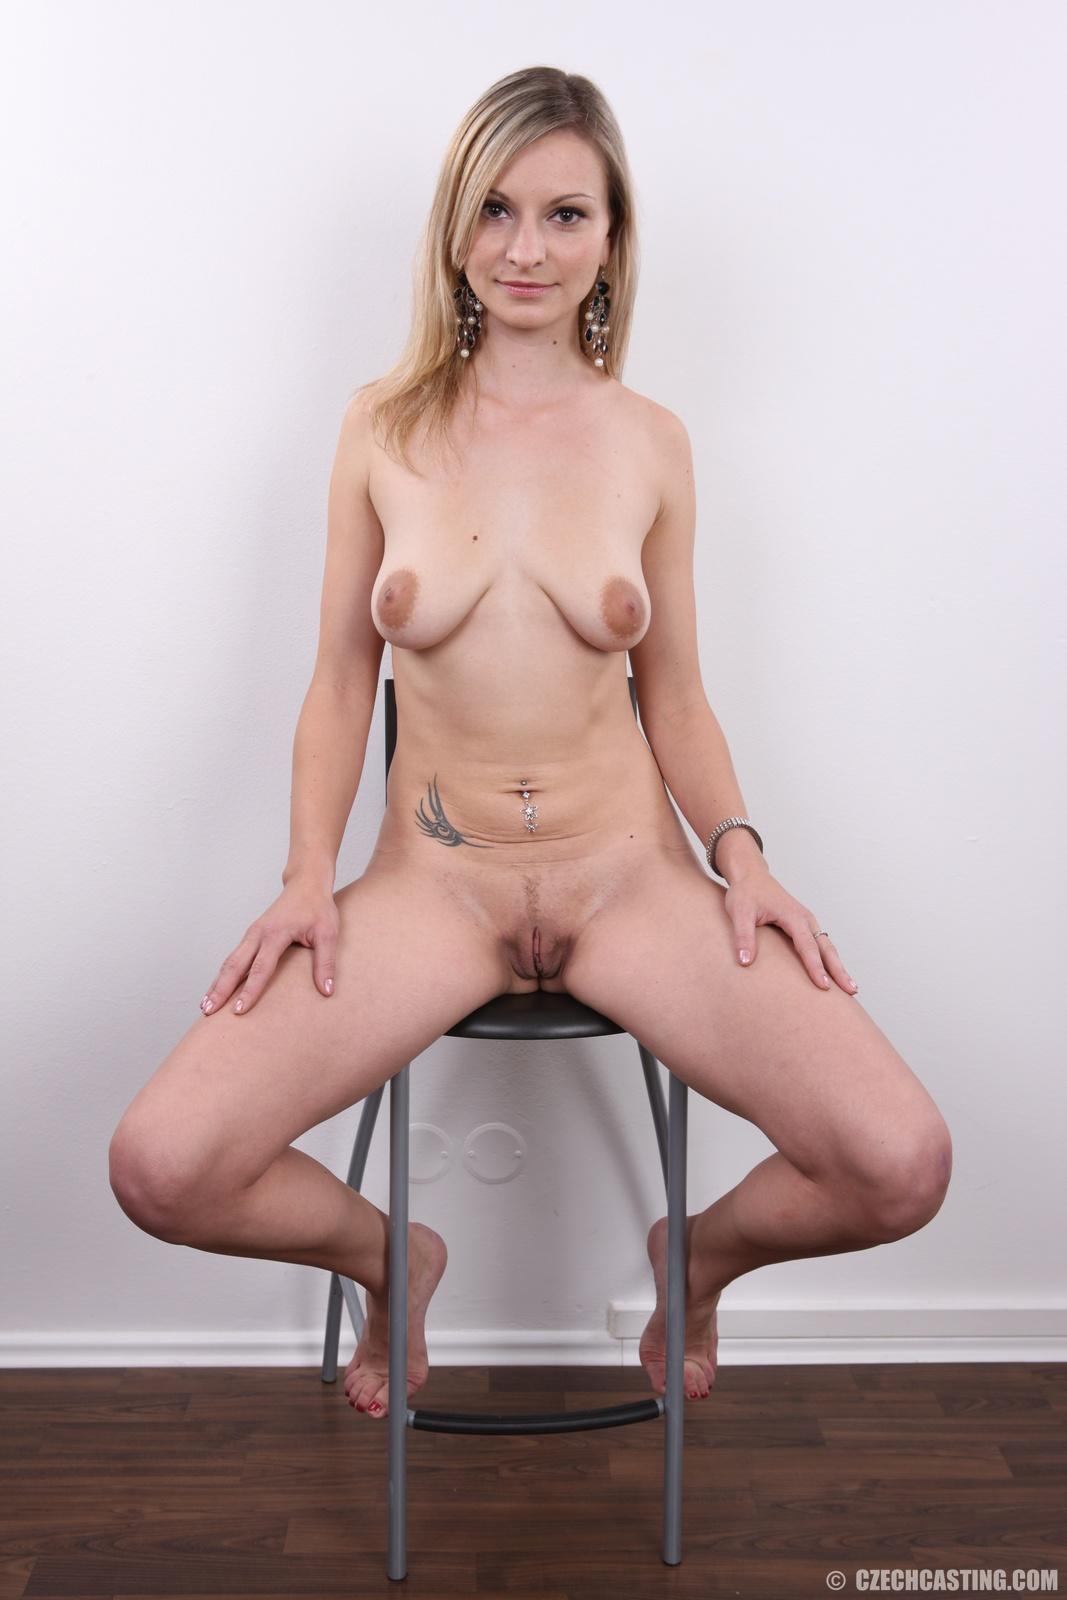 Hot naked girls ass